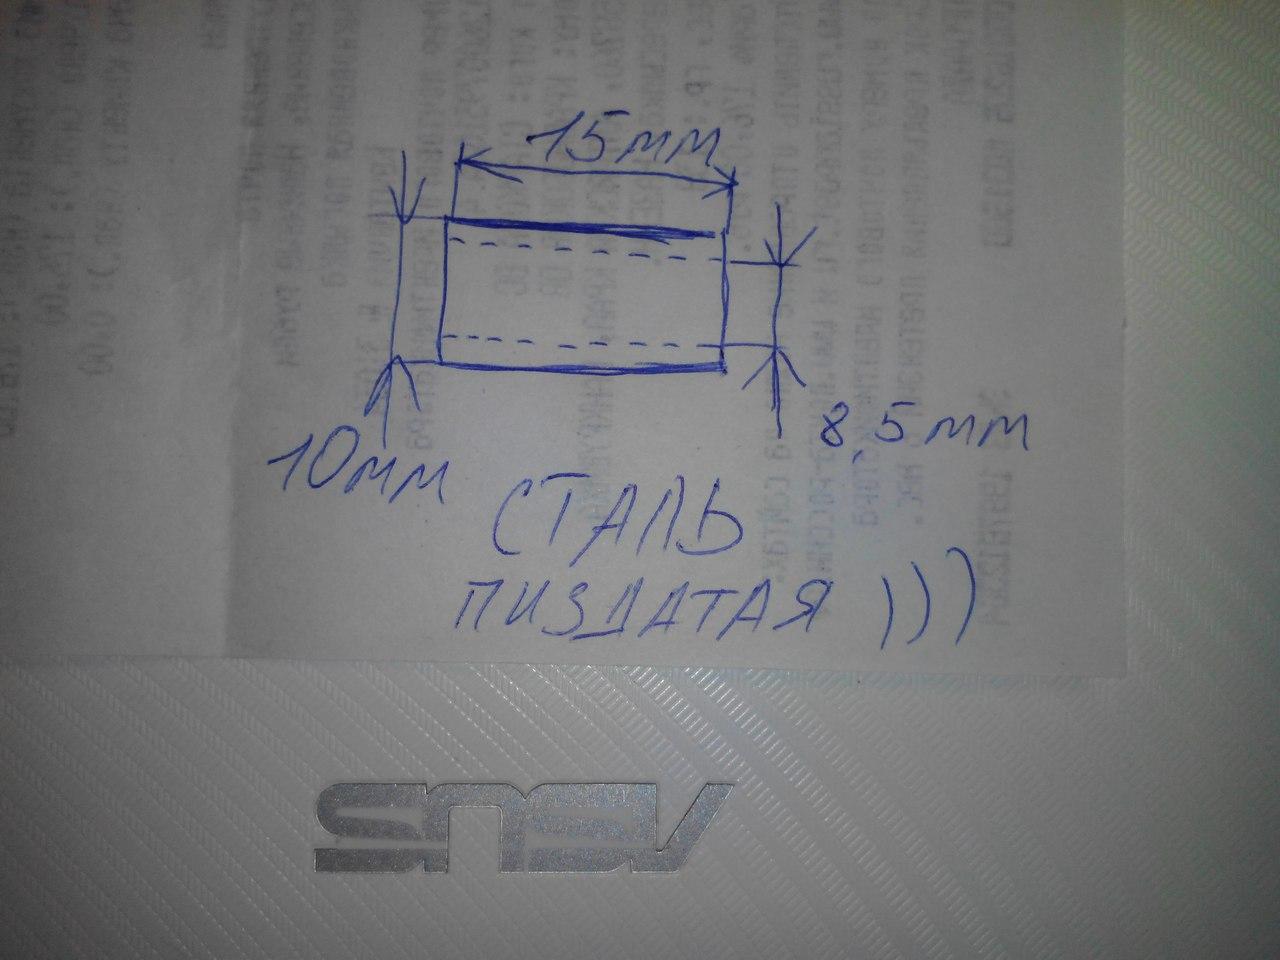 схема вакуумных соединений карбюратора двигателя ga15ds